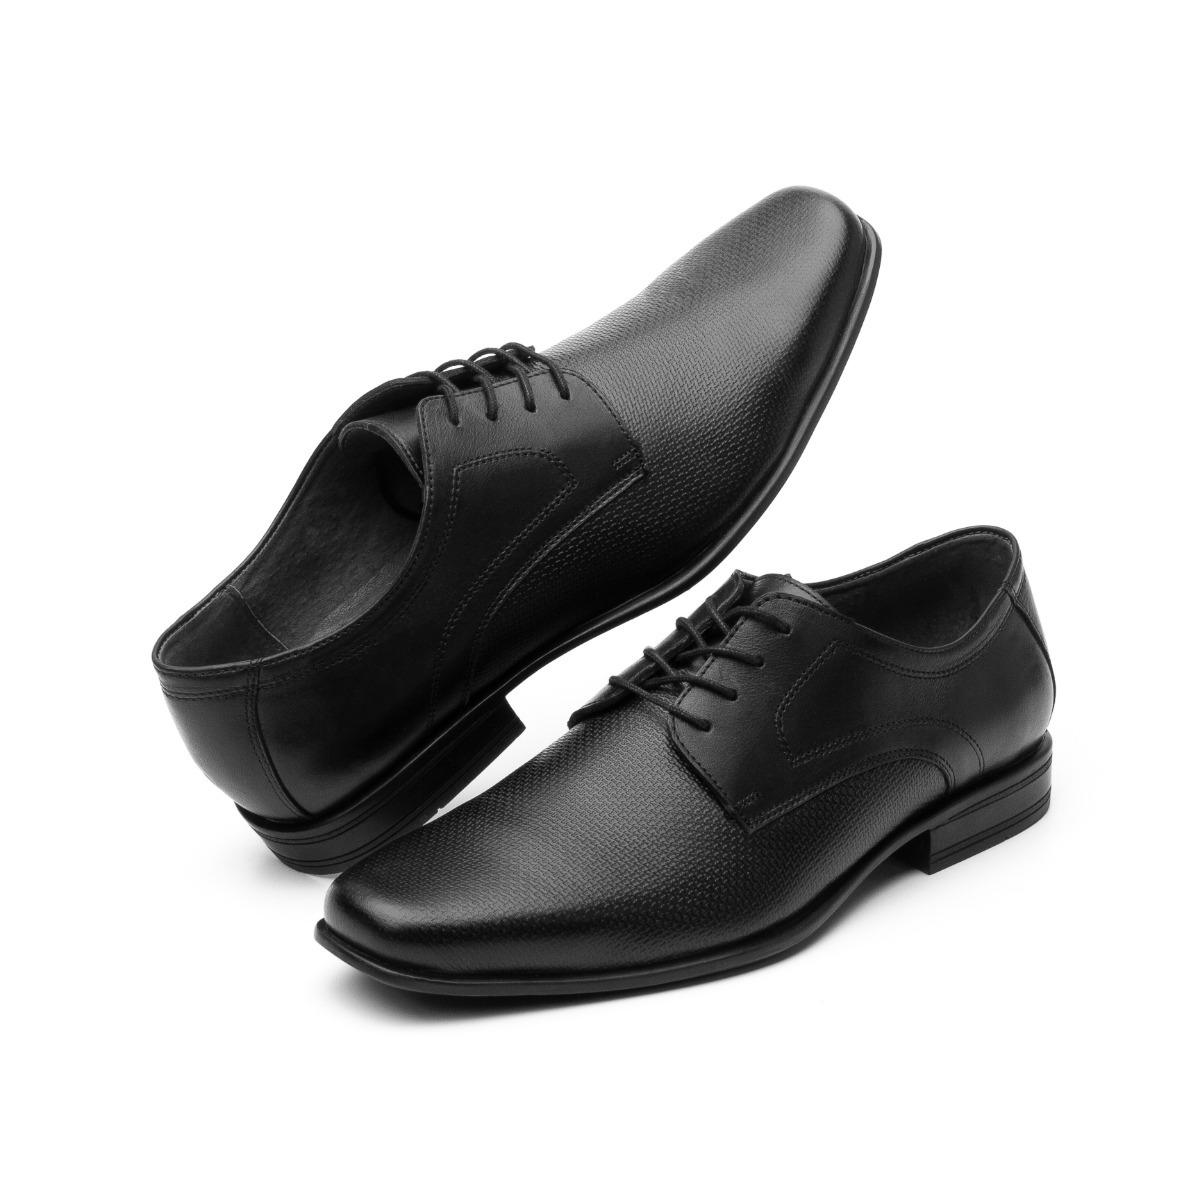 7fd59360 calzado hombre caballero zapato formal flexi piel negr comod. Cargando zoom.